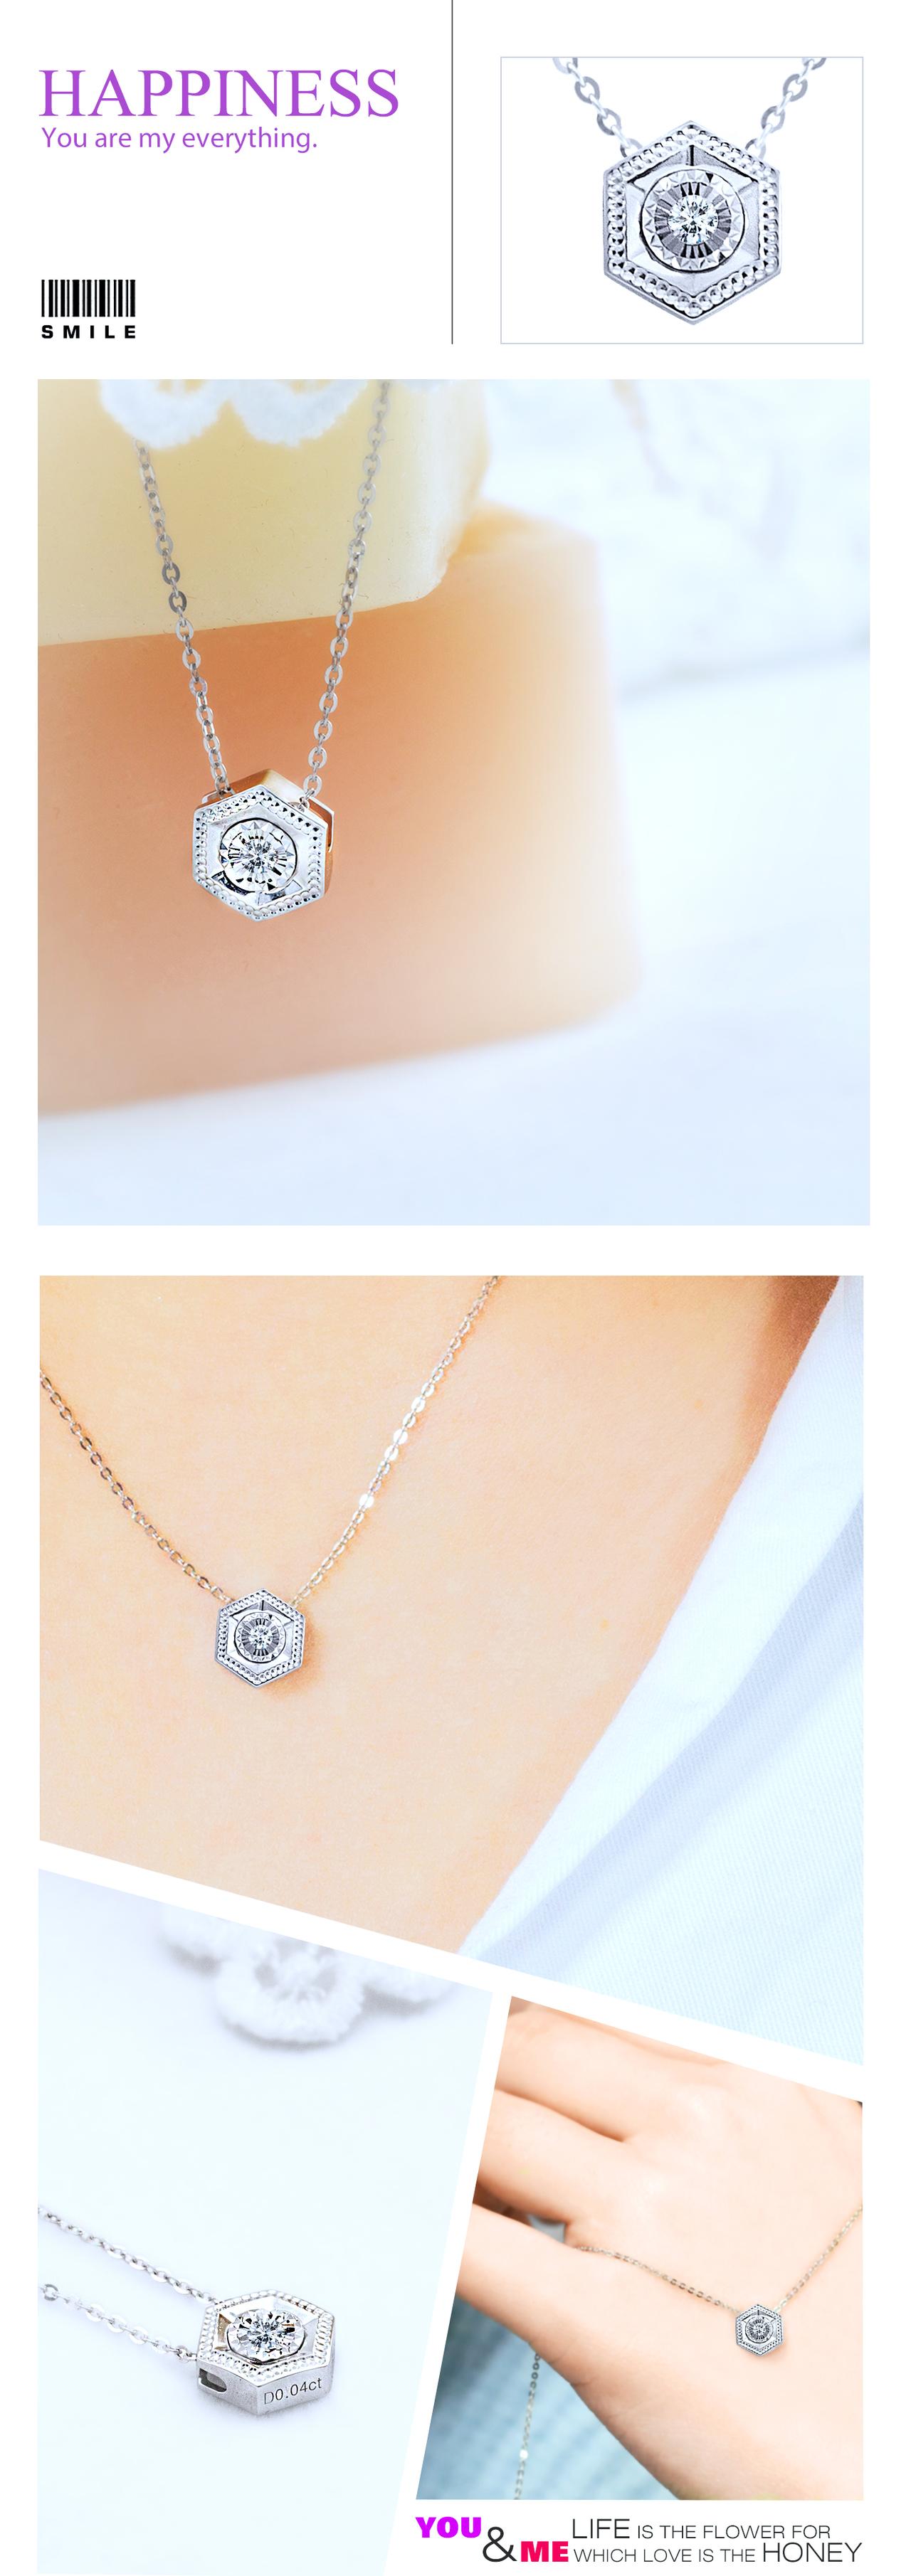 0.040克拉天然鑽石18K金項鍊